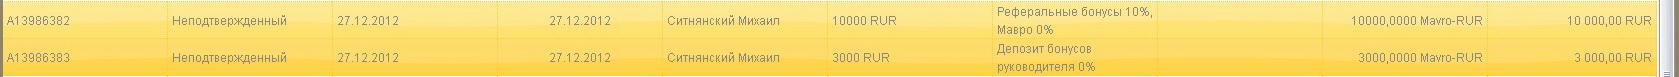 Реферальные и руководительские бонусы за 27 декабря 2012 года